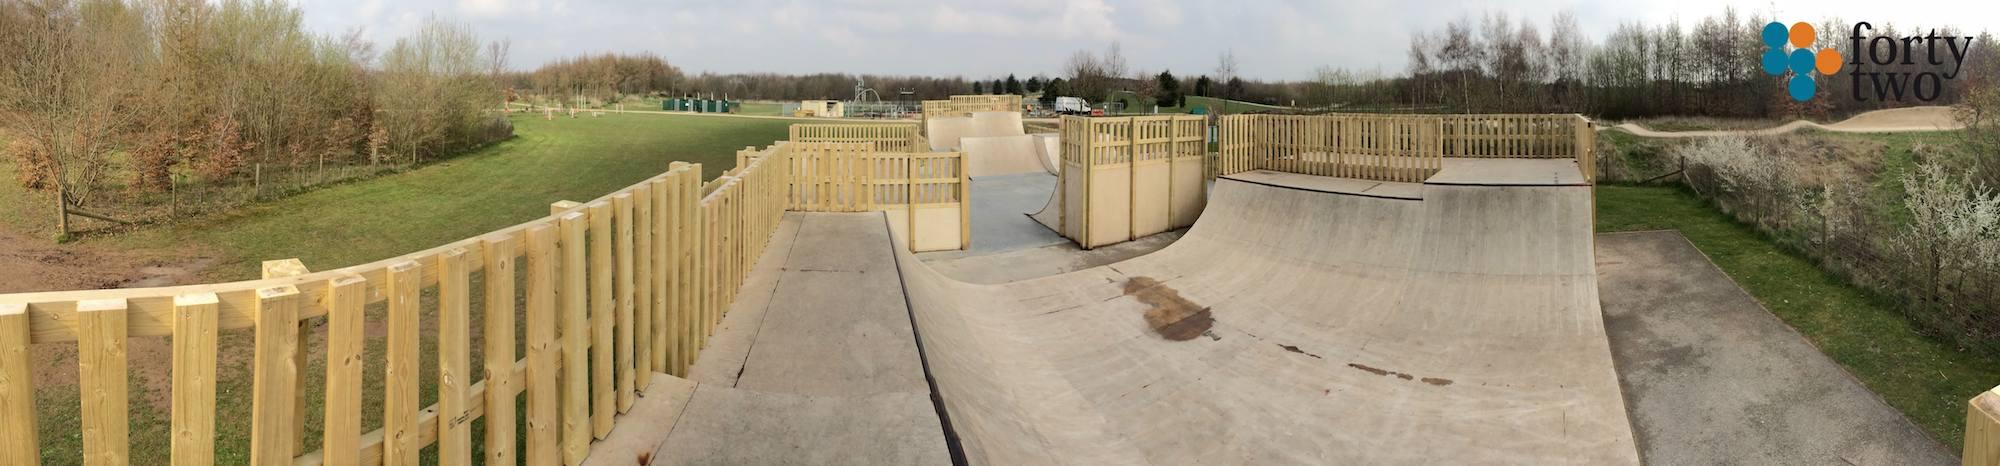 Rushcliffe Country Park Skatepark Nottingham Panarama 2